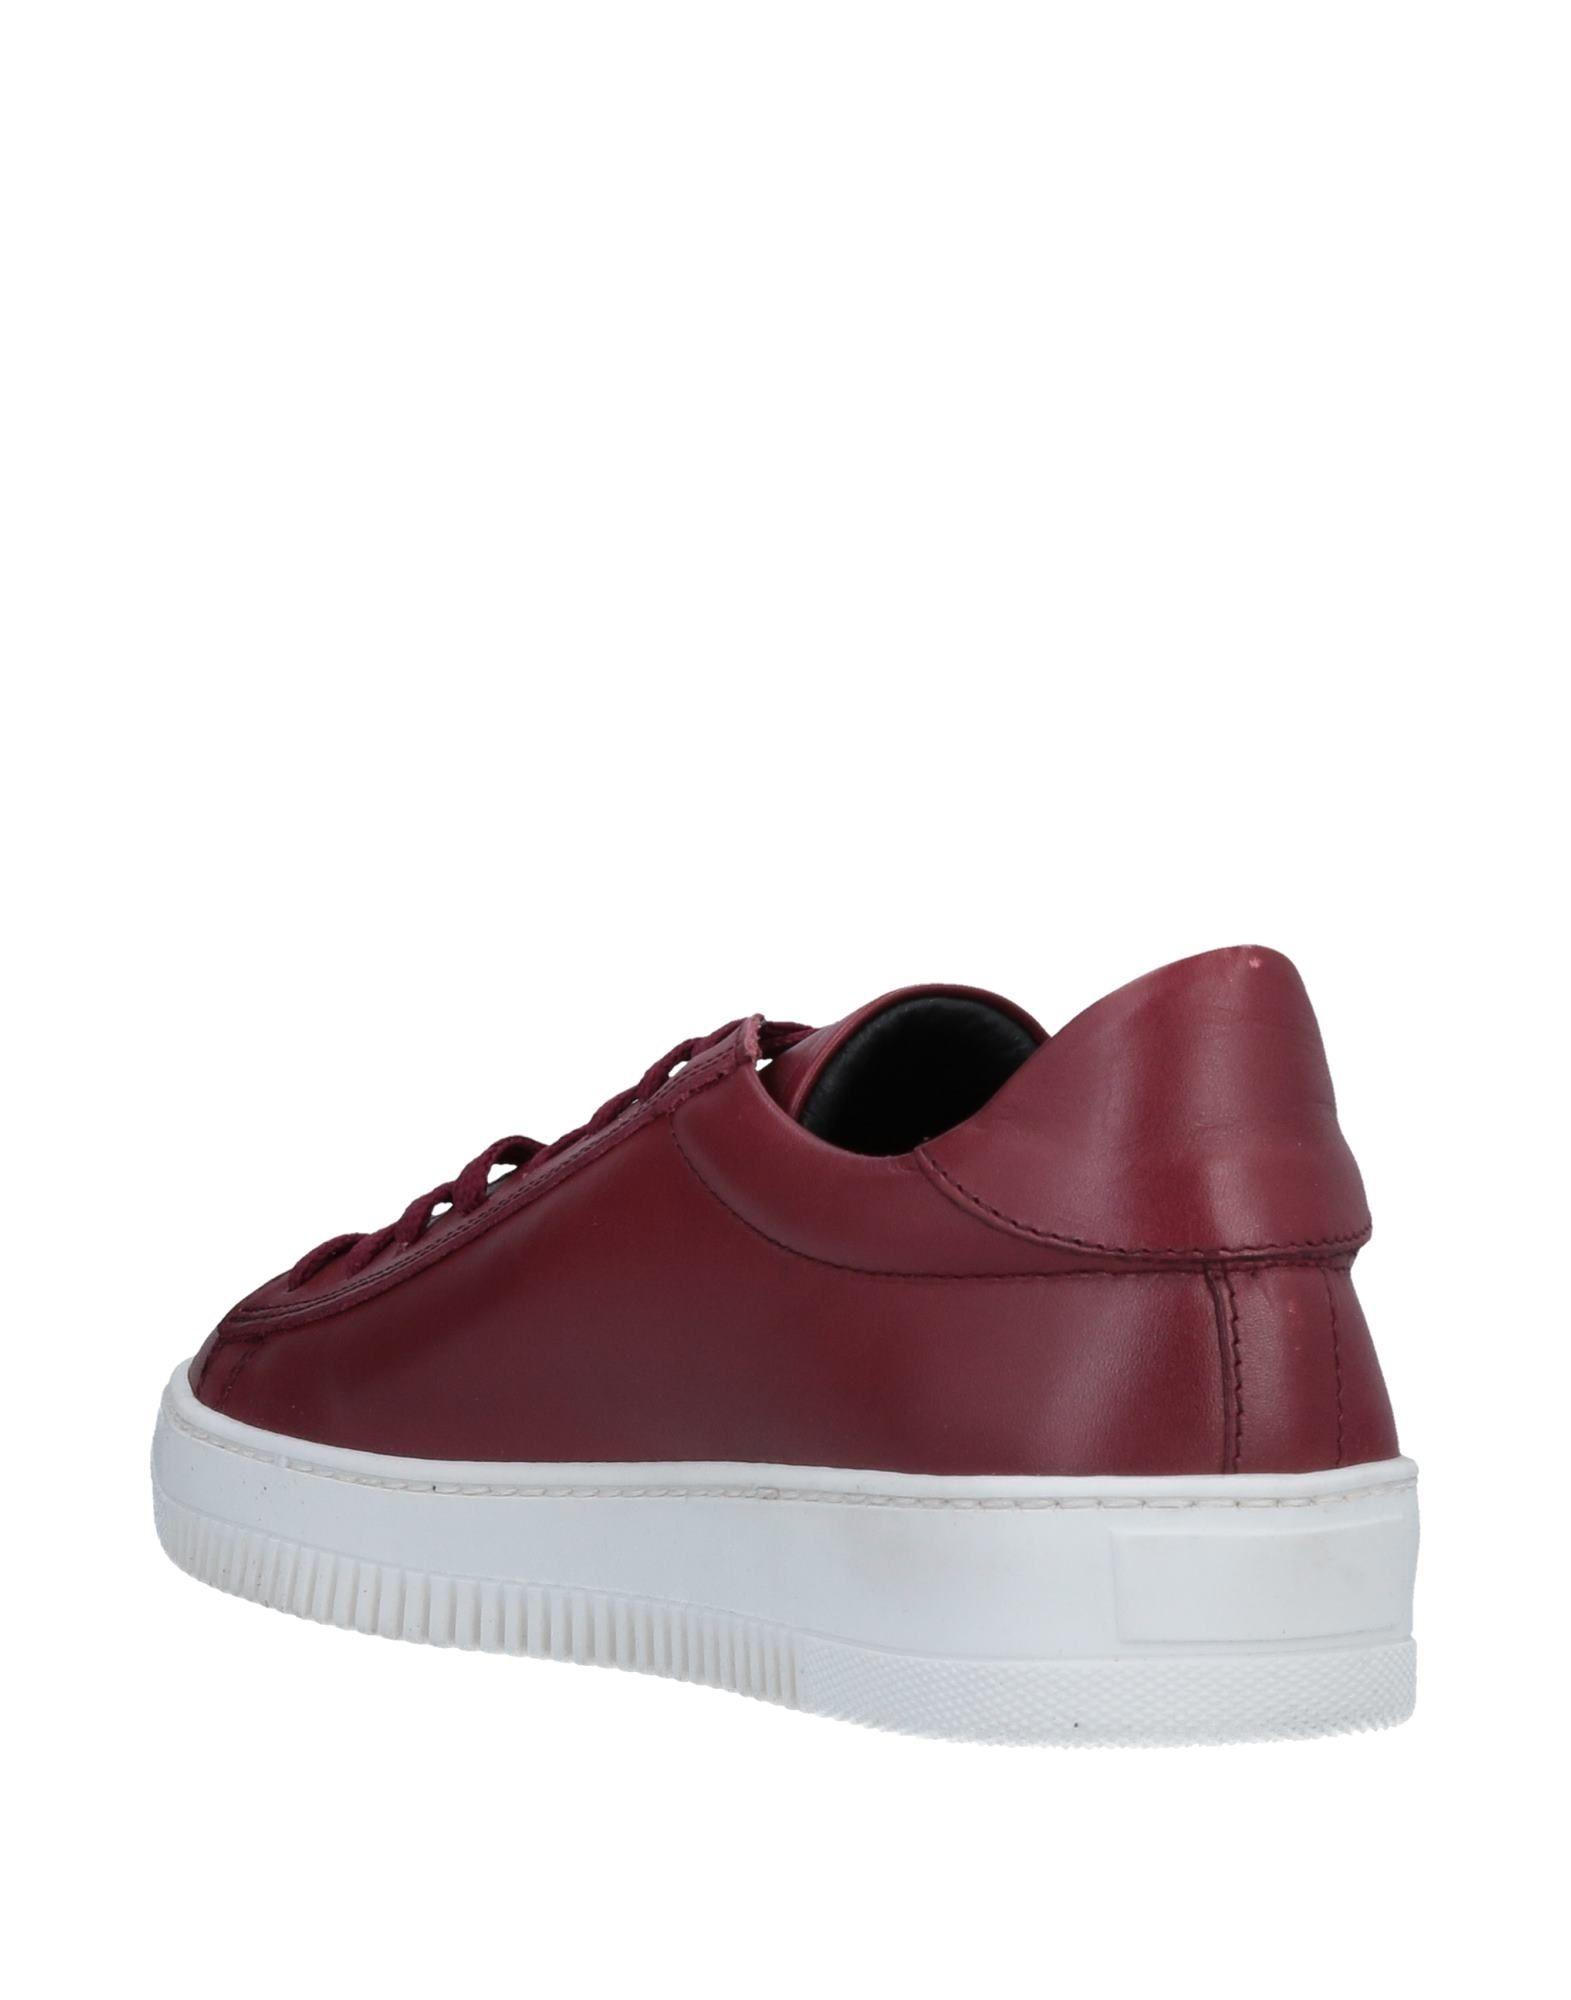 Bagatt Sneakers Herren Herren Sneakers  11505861WM b4fb93